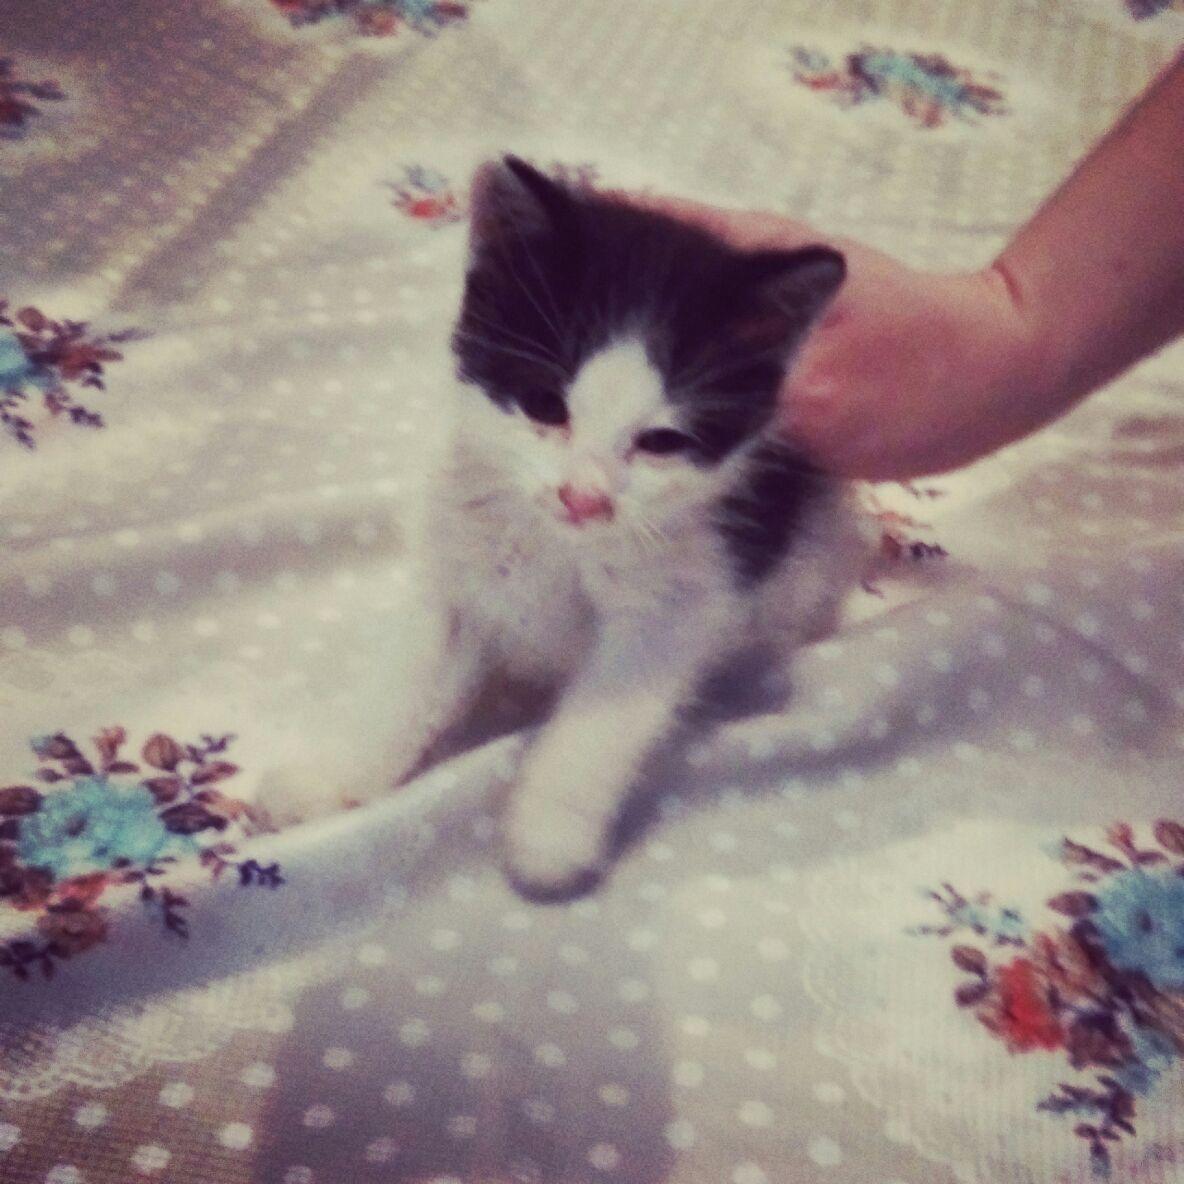 Acil 1aylik erkek minik yavru kediye ömürlük yuvasını ariyoruz